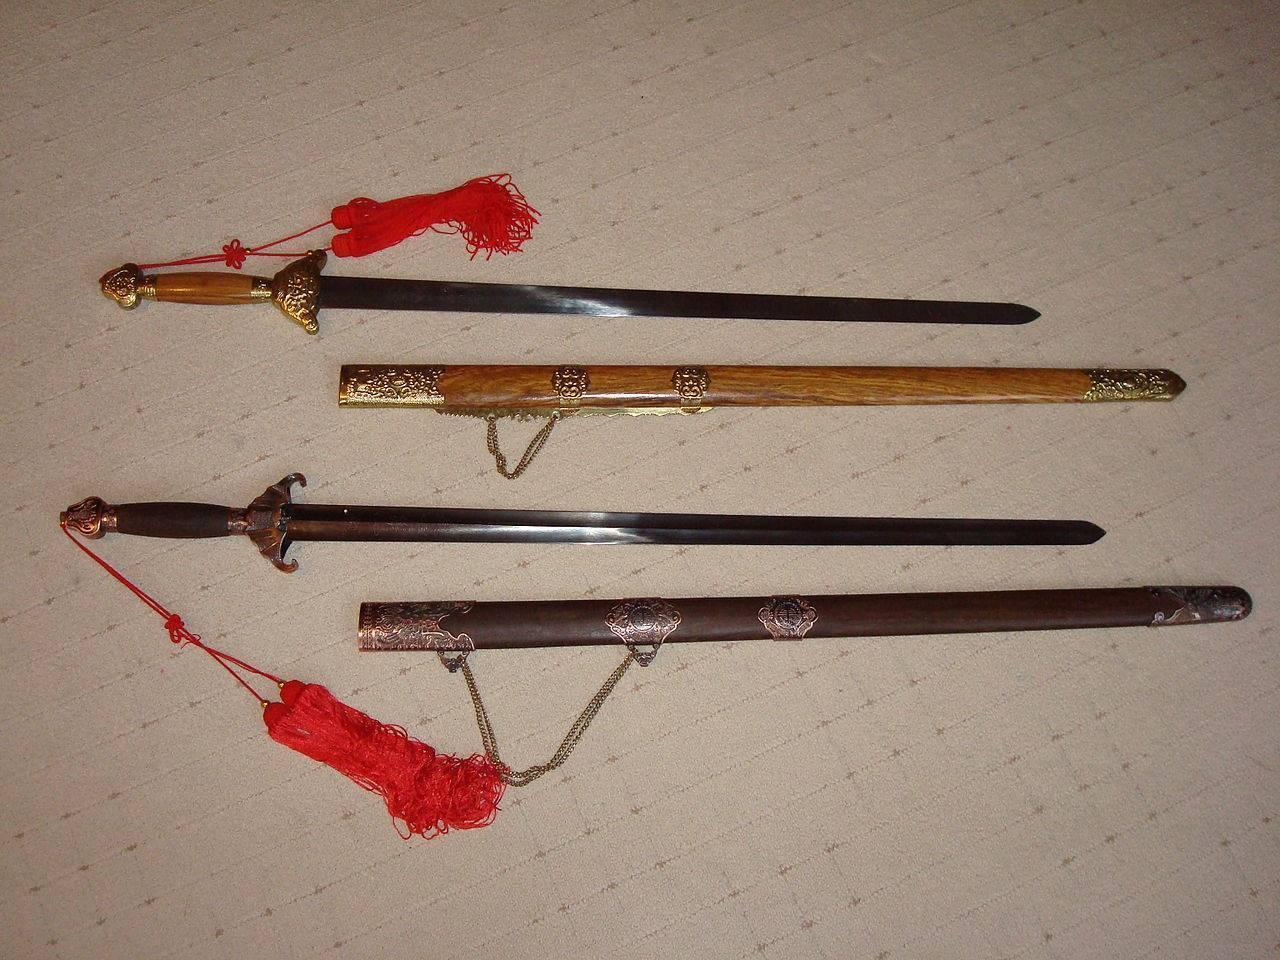 Парные клинки владение. шуангоу – парный клинок китайских воинов и шаолиньских монахов. что побудило китайцев к созданию столь необычного оружия